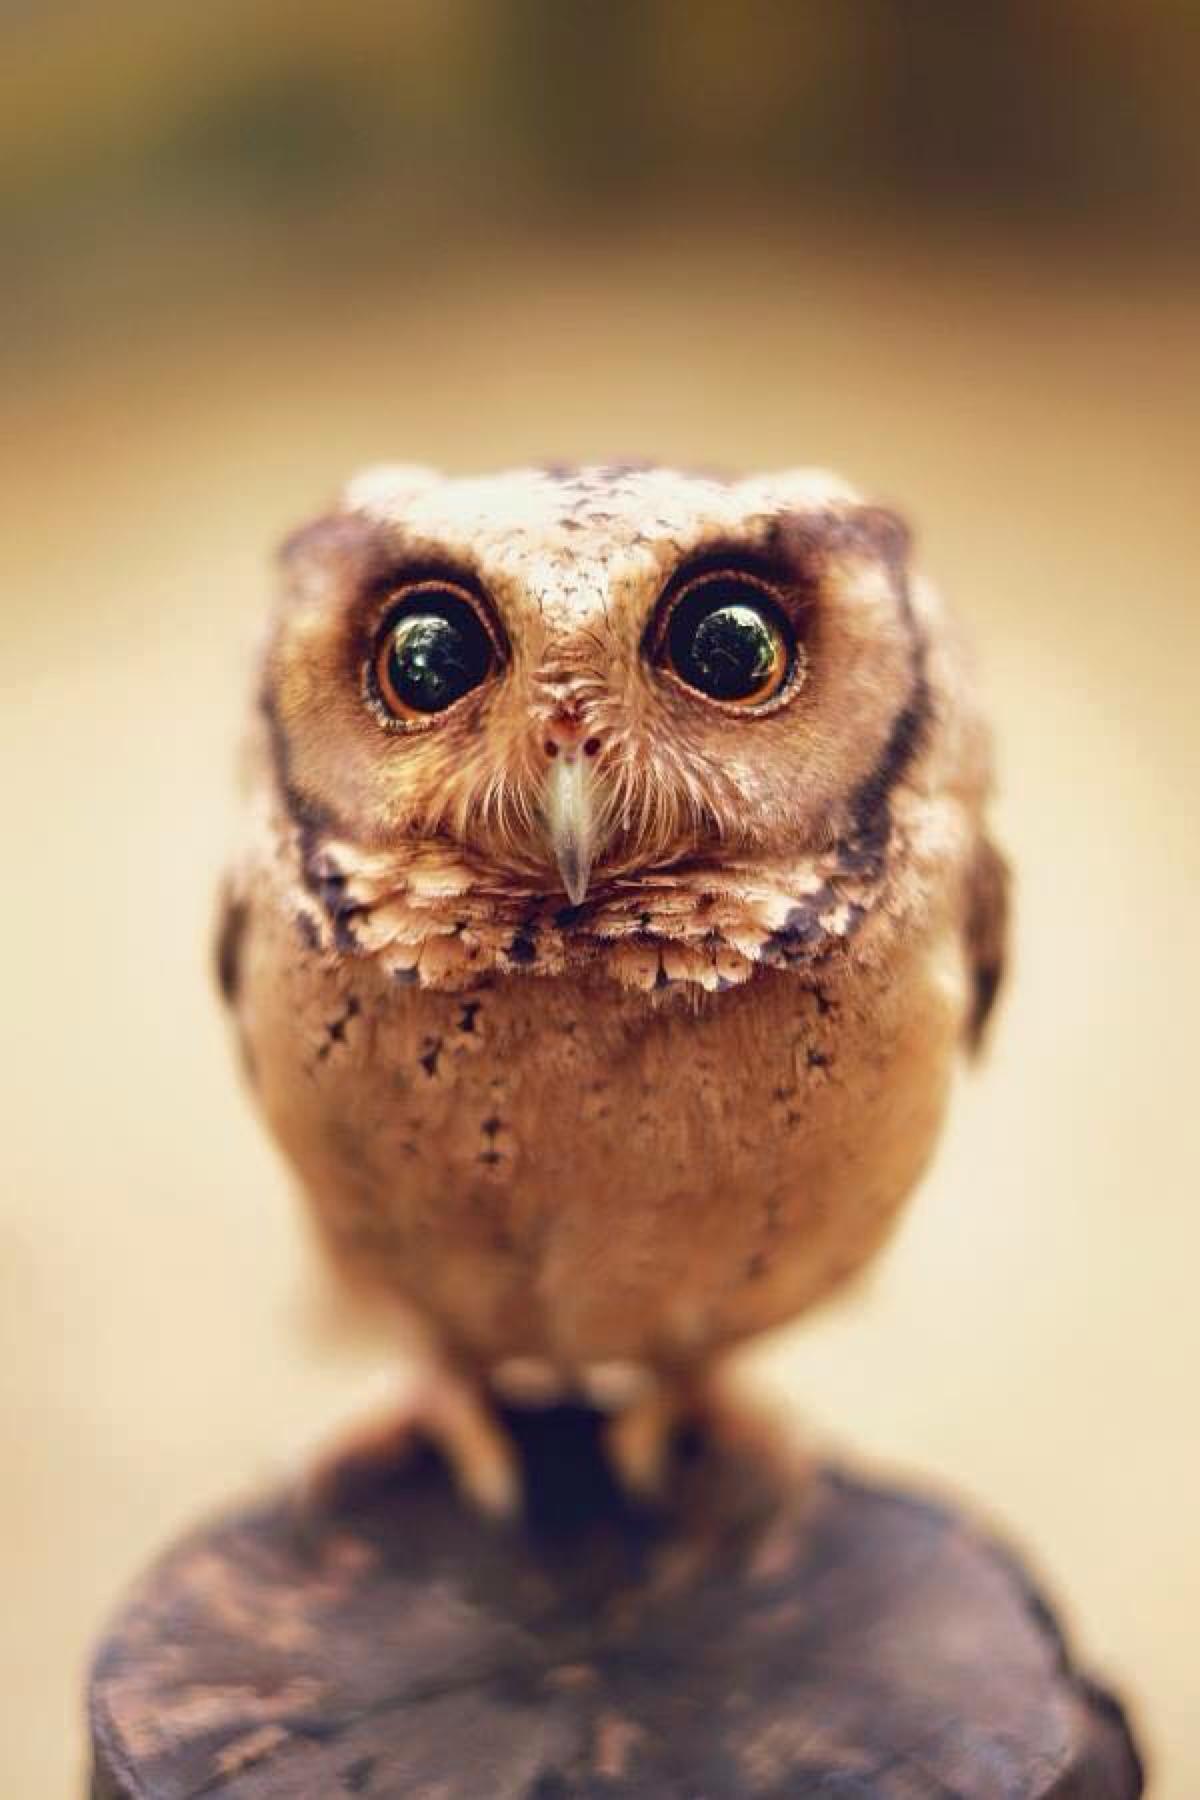 owl bird animal cartoon eye wildlife art beak wild design